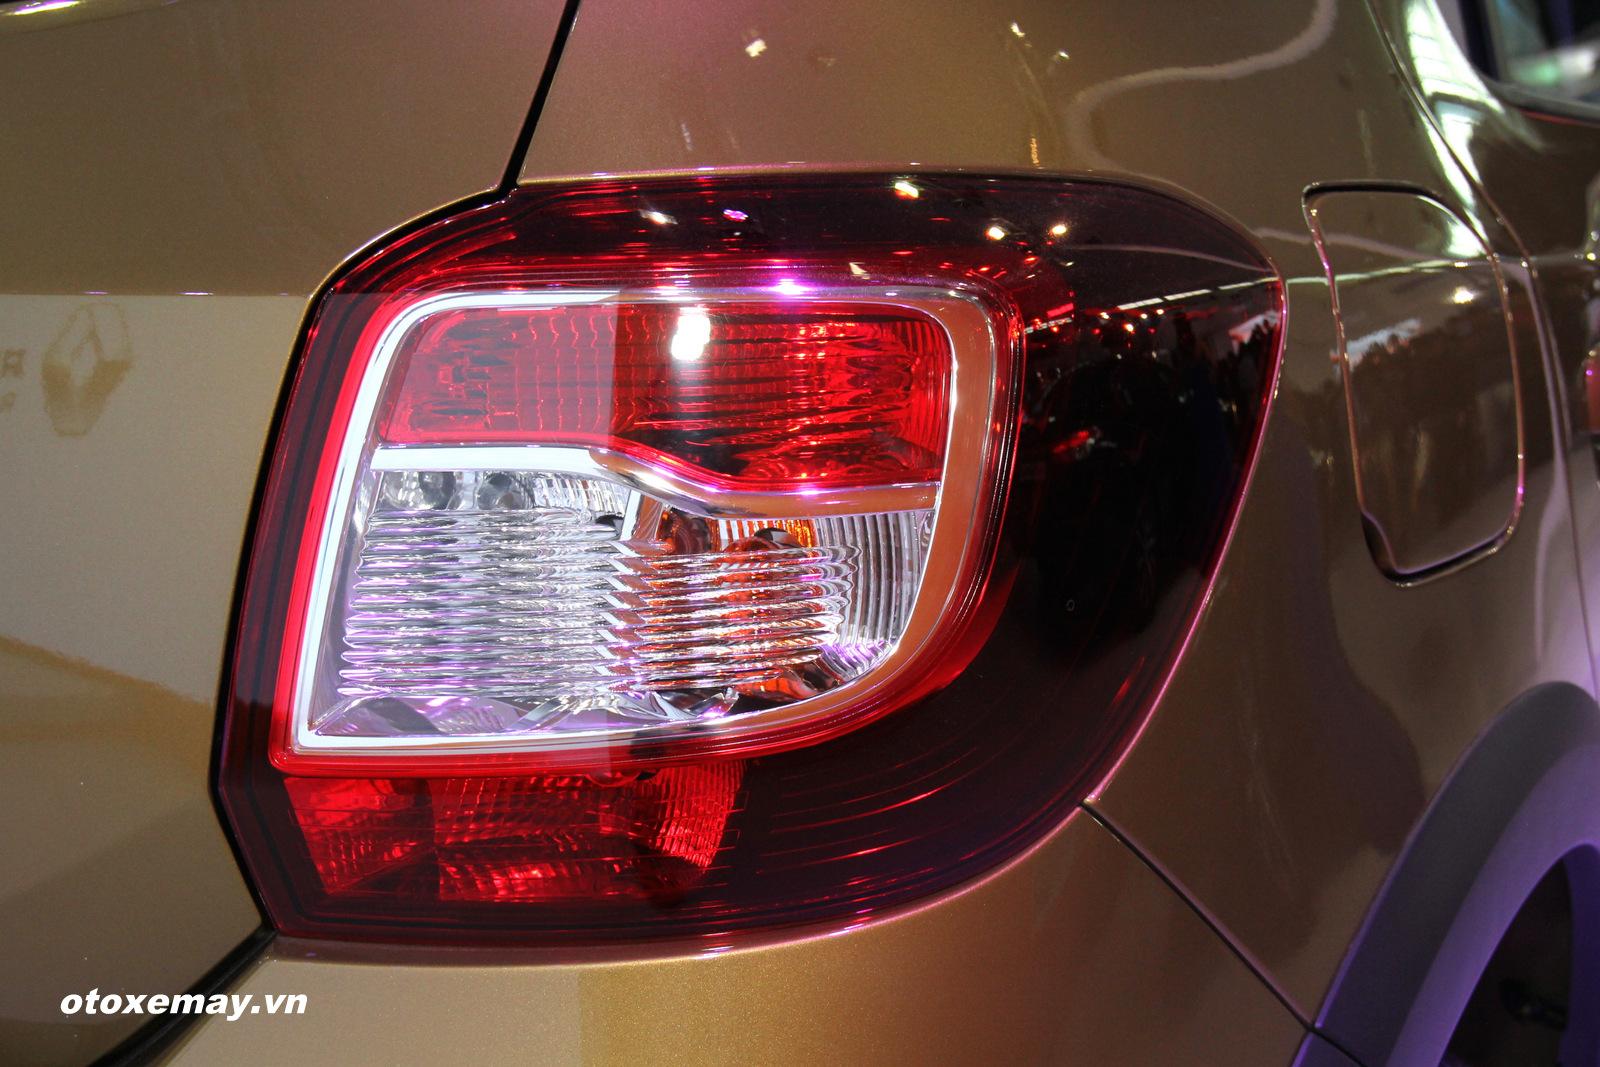 VIMS 2015 - Thêm xe nhỏ giá rẻ châu Âu về Việt Nam 19